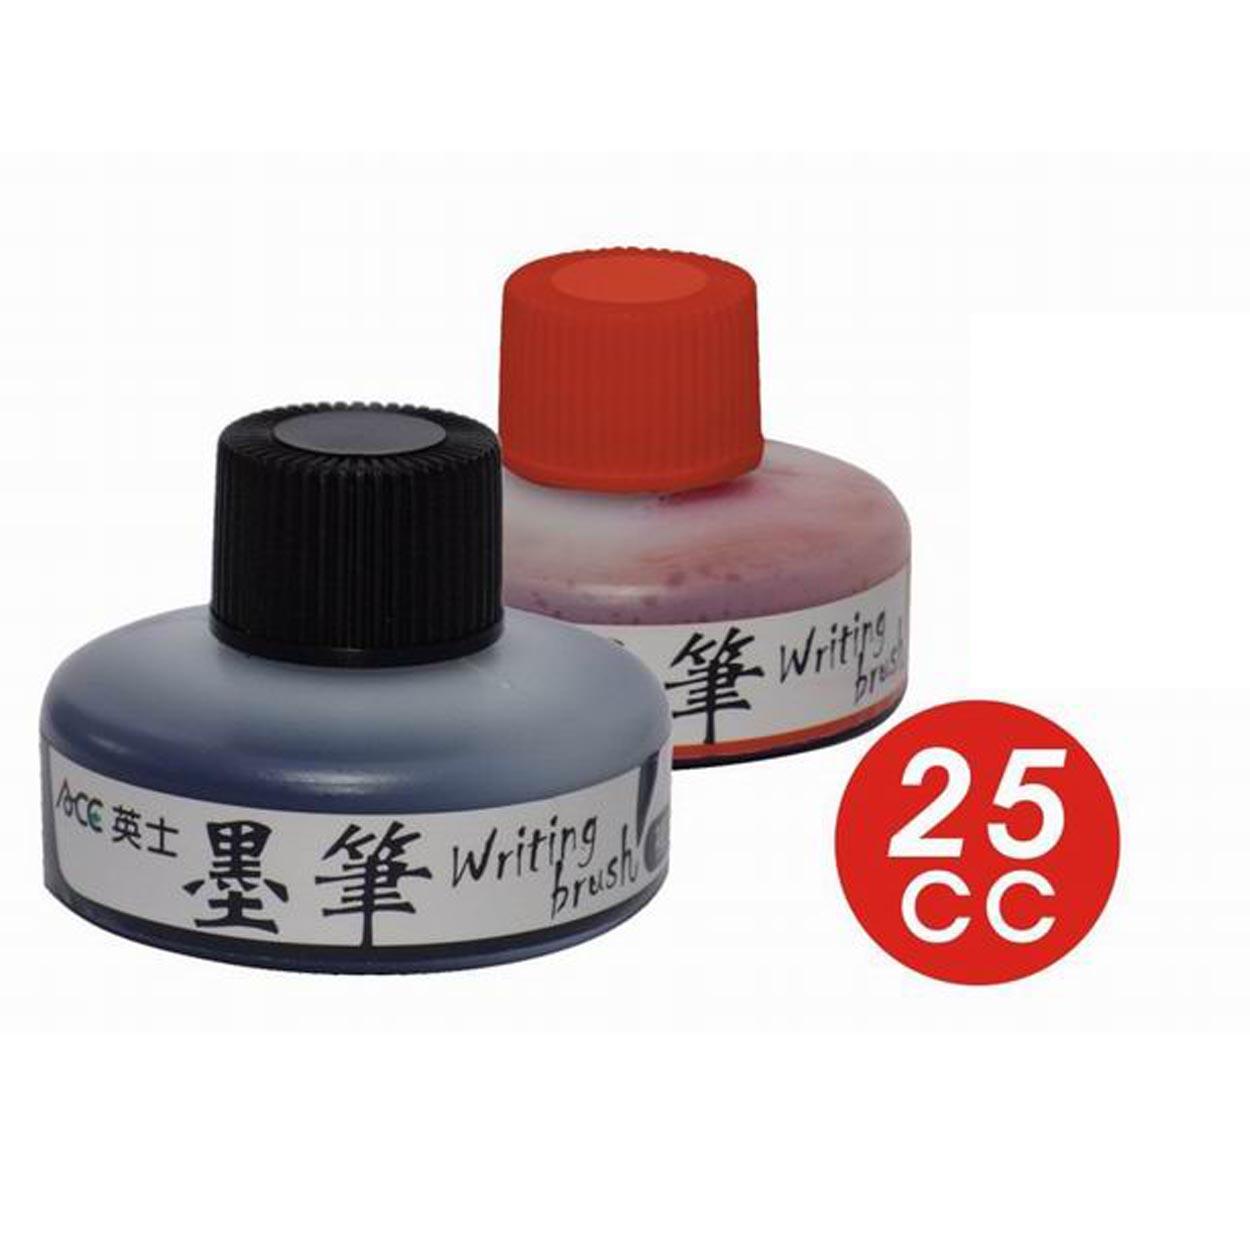 英士ACC 墨毛筆系列補充液 / 罐